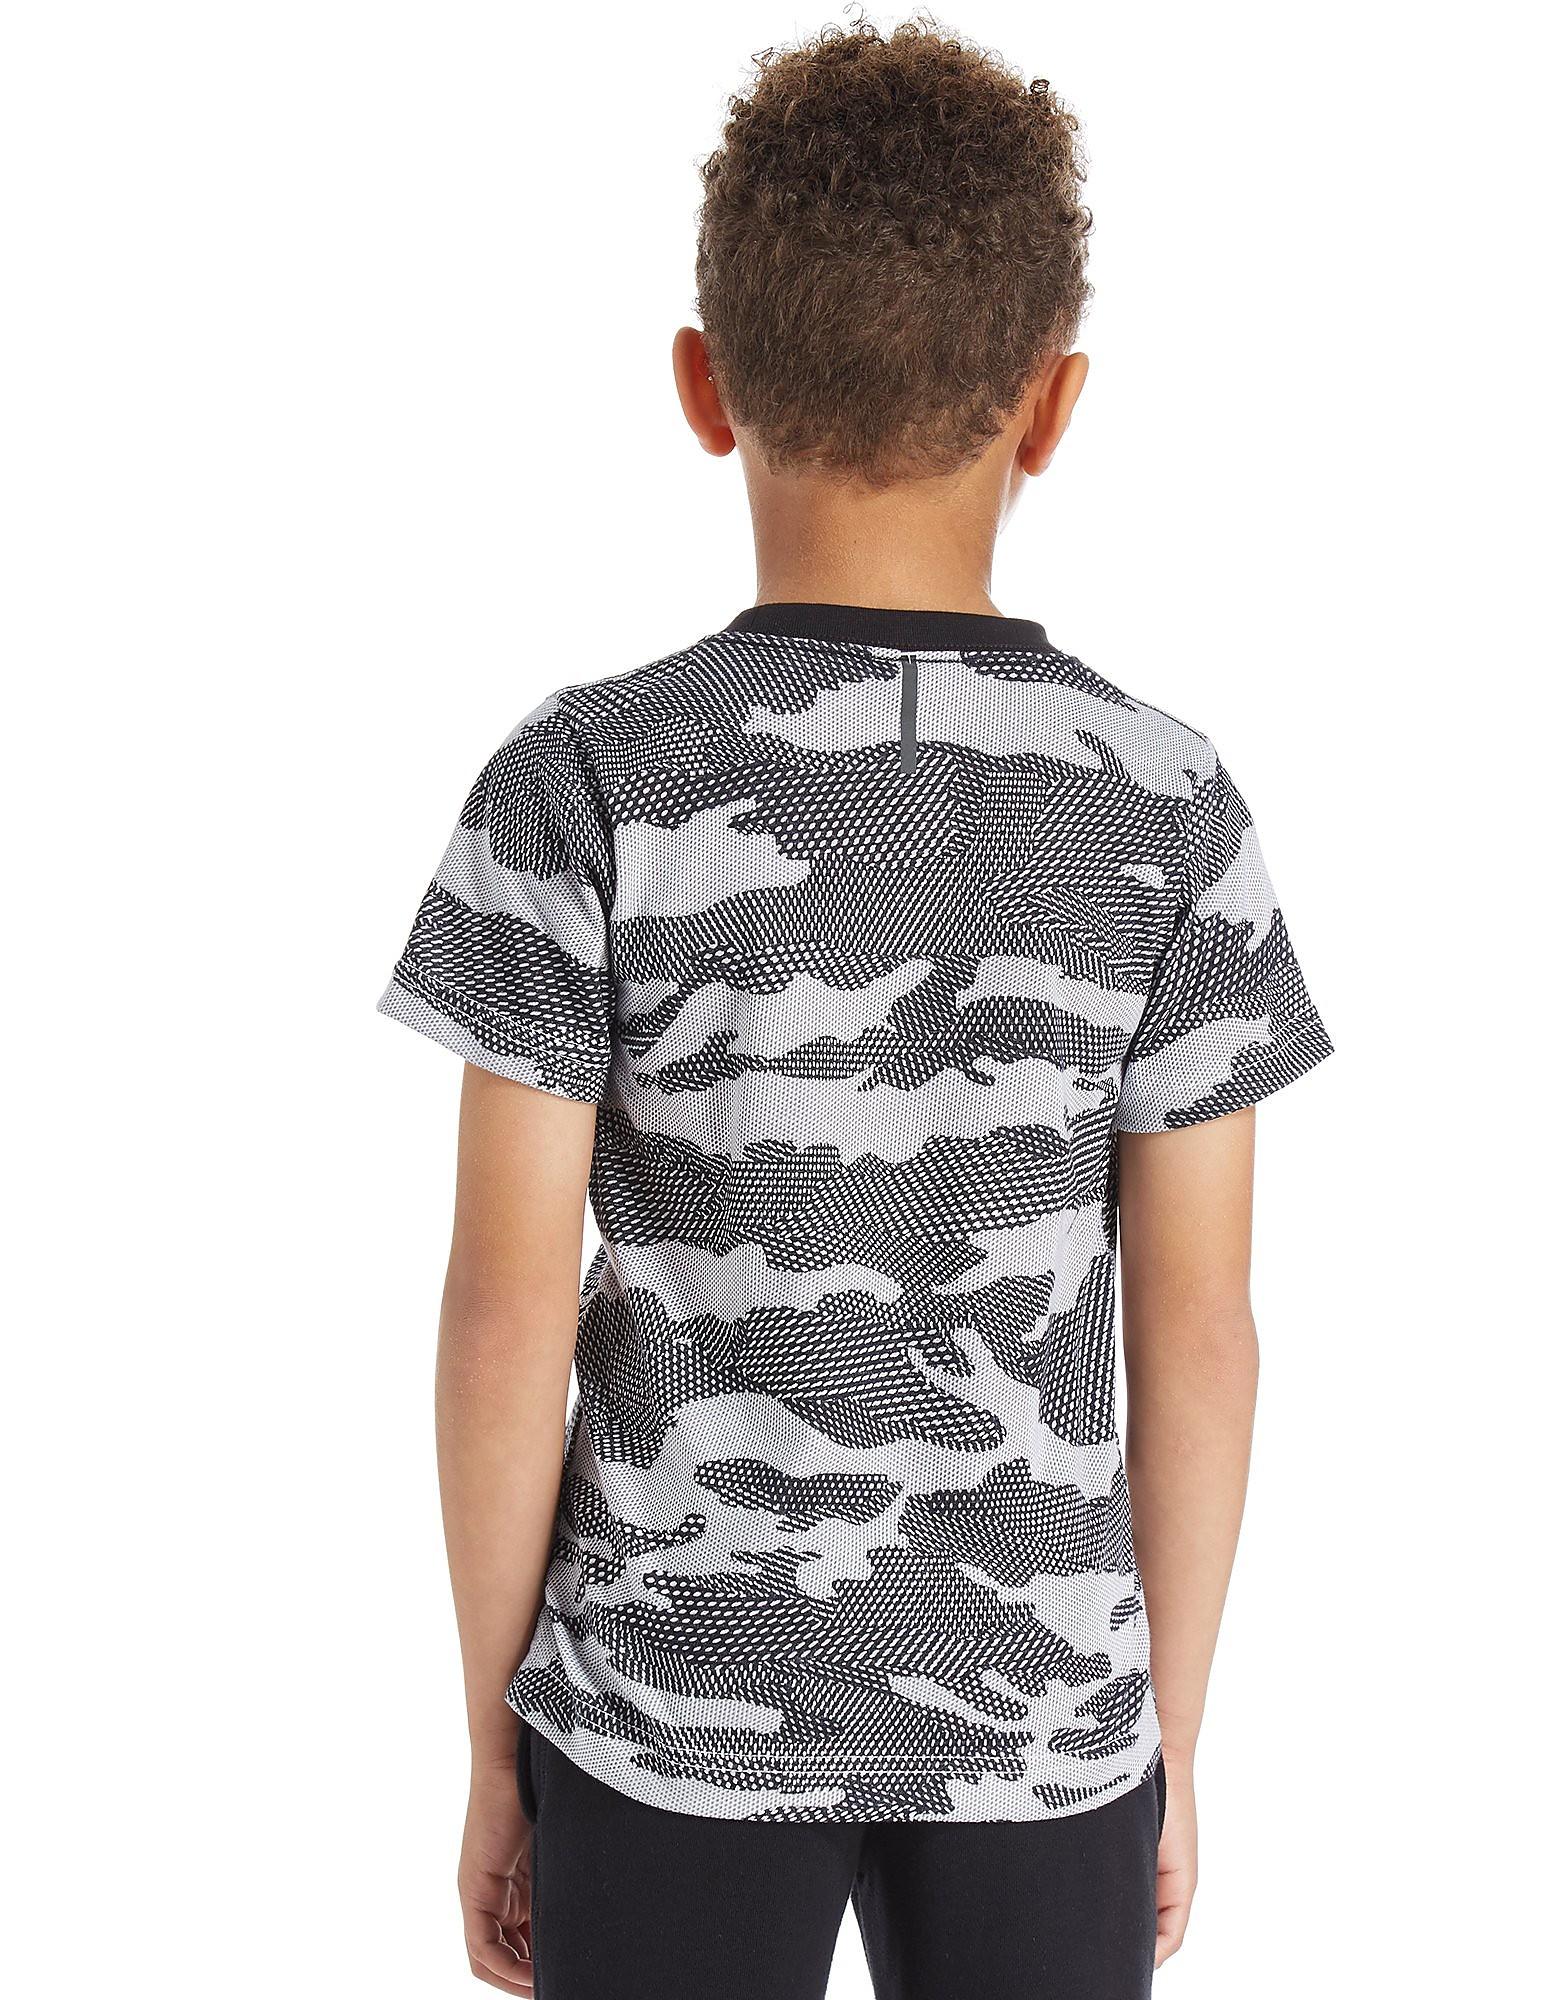 Nike camiseta All Over Print infantil